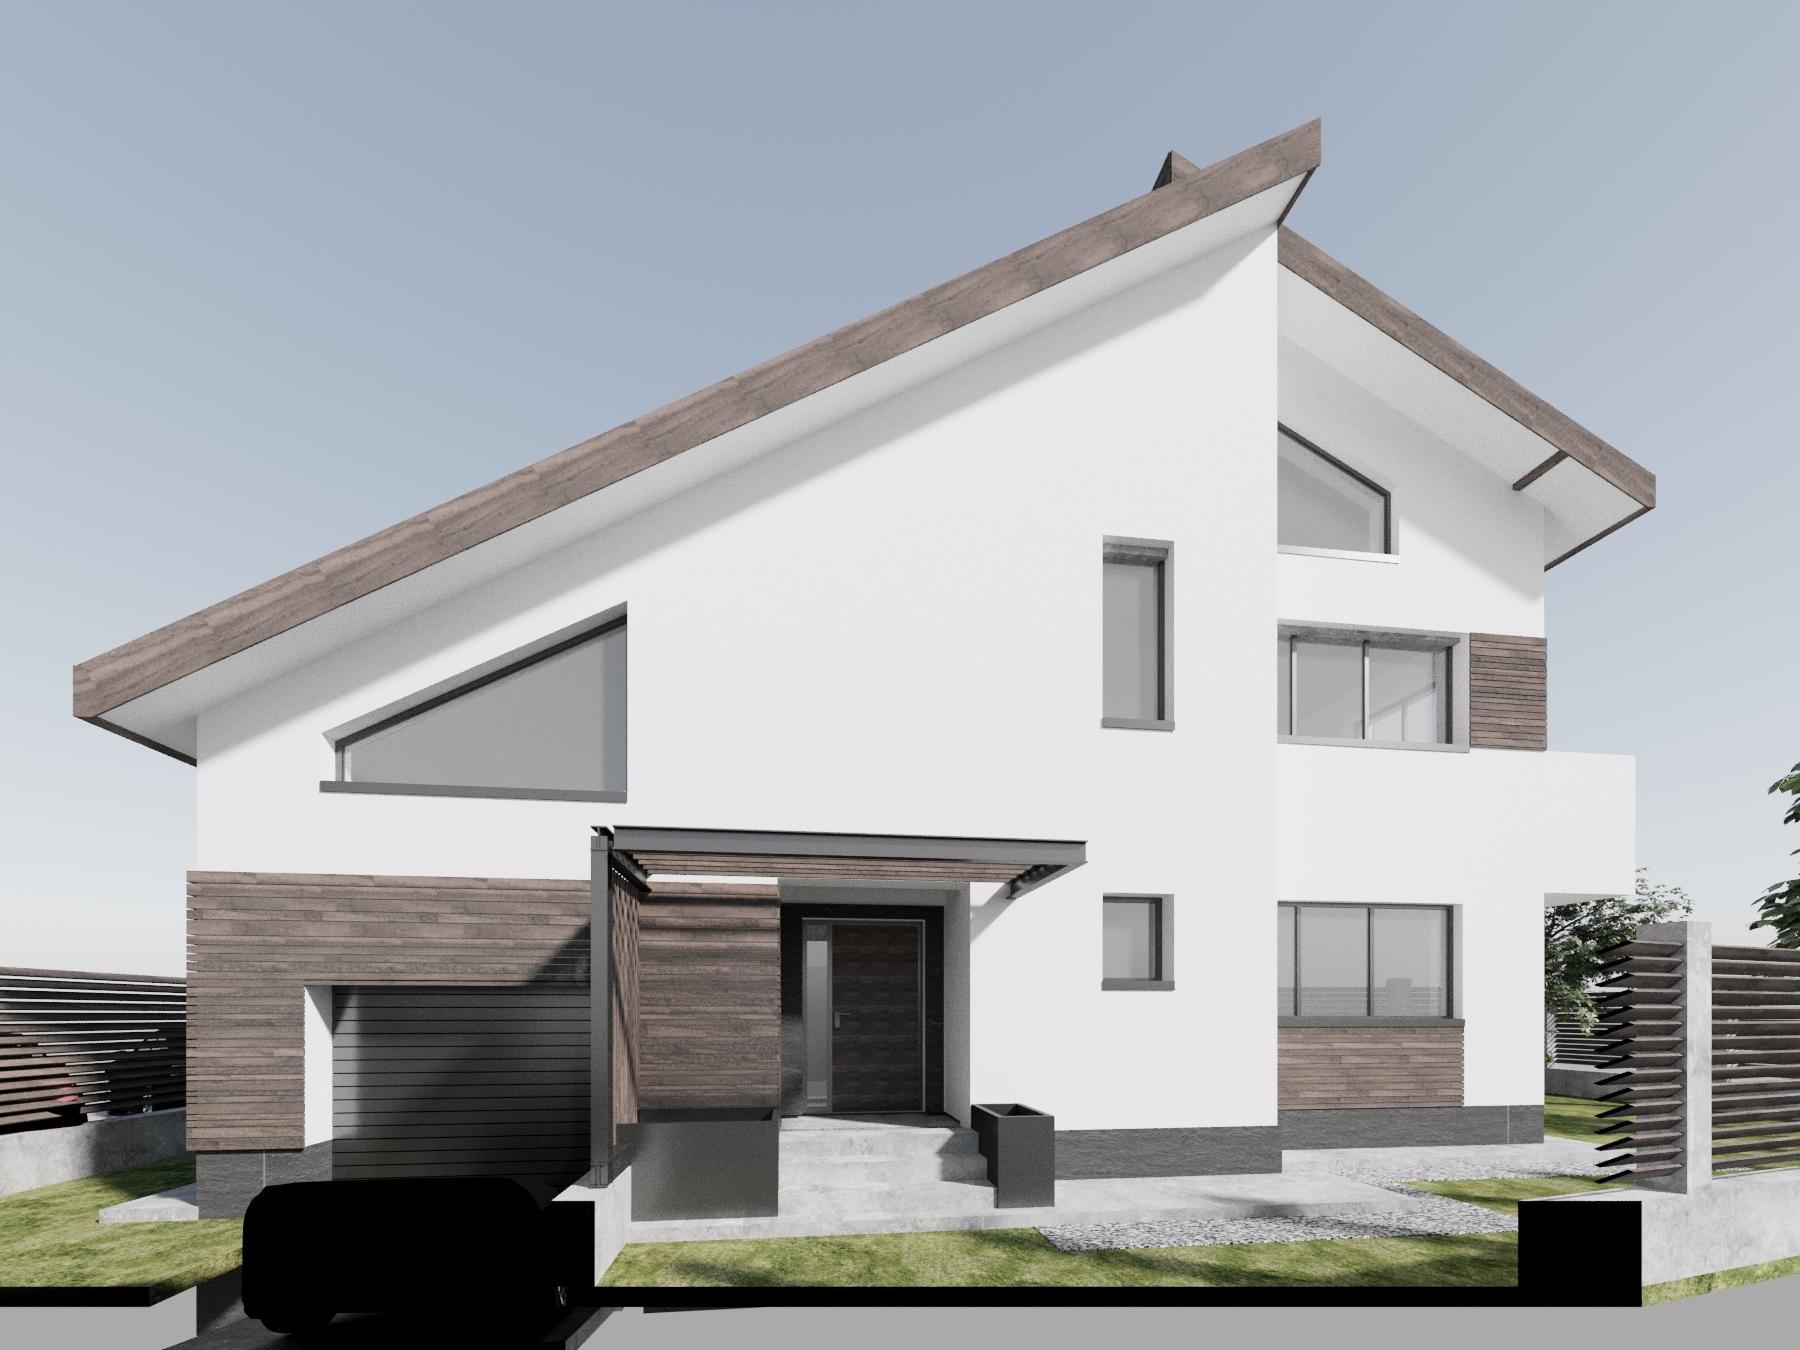 modificare casa existenta archives reflex architecture